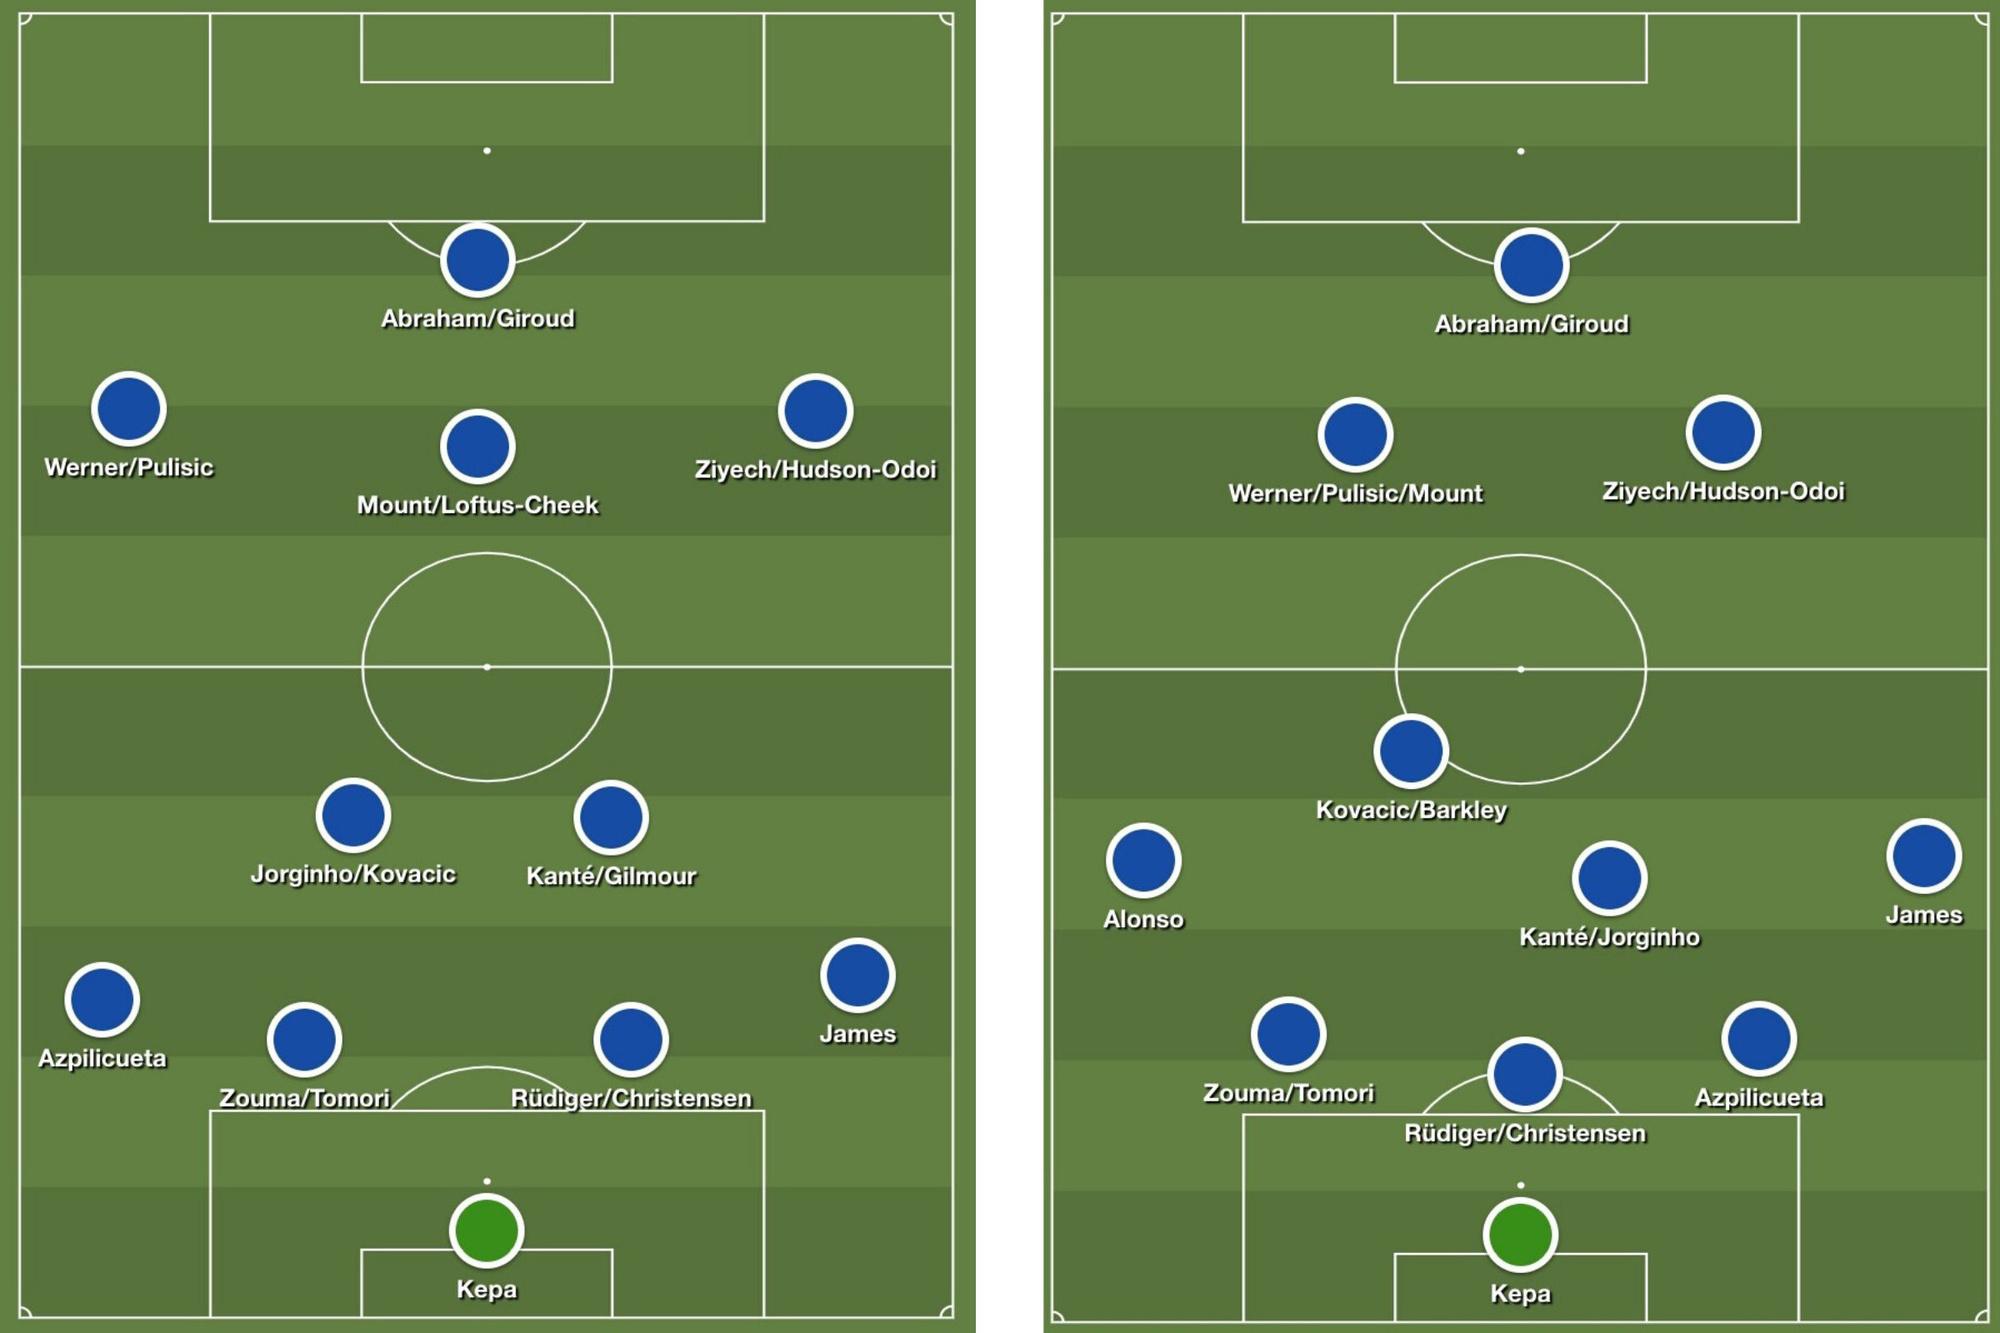 Twee mogelijke opstellingen van Chelsea voor volgend seizoen met de spelerskern die ze nu al bezitten., Redactie